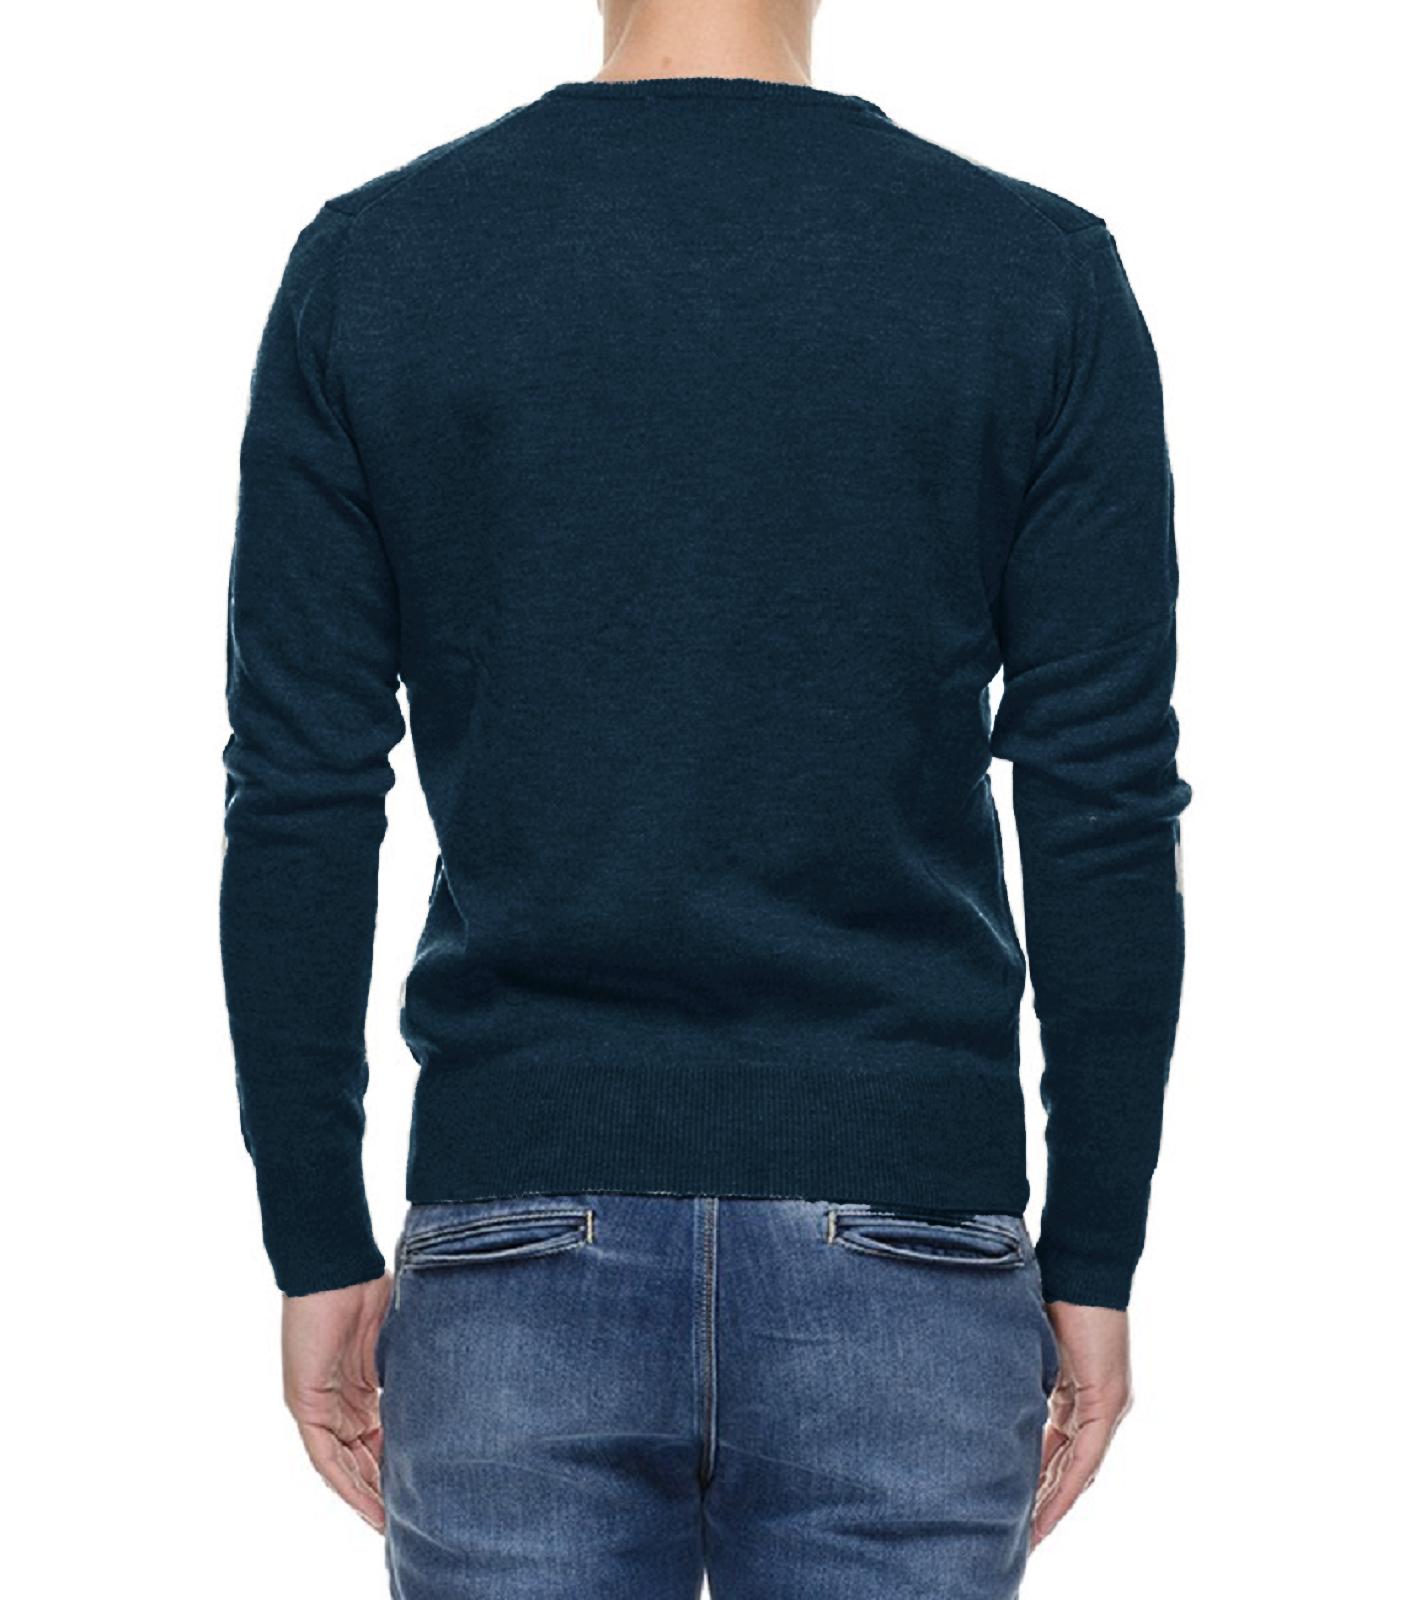 Maglione-Uomo-Scollo-a-V-Maglioncino-Slim-Fit-Maglia-Blu-Nero-Verde-Grigio miniatura 19